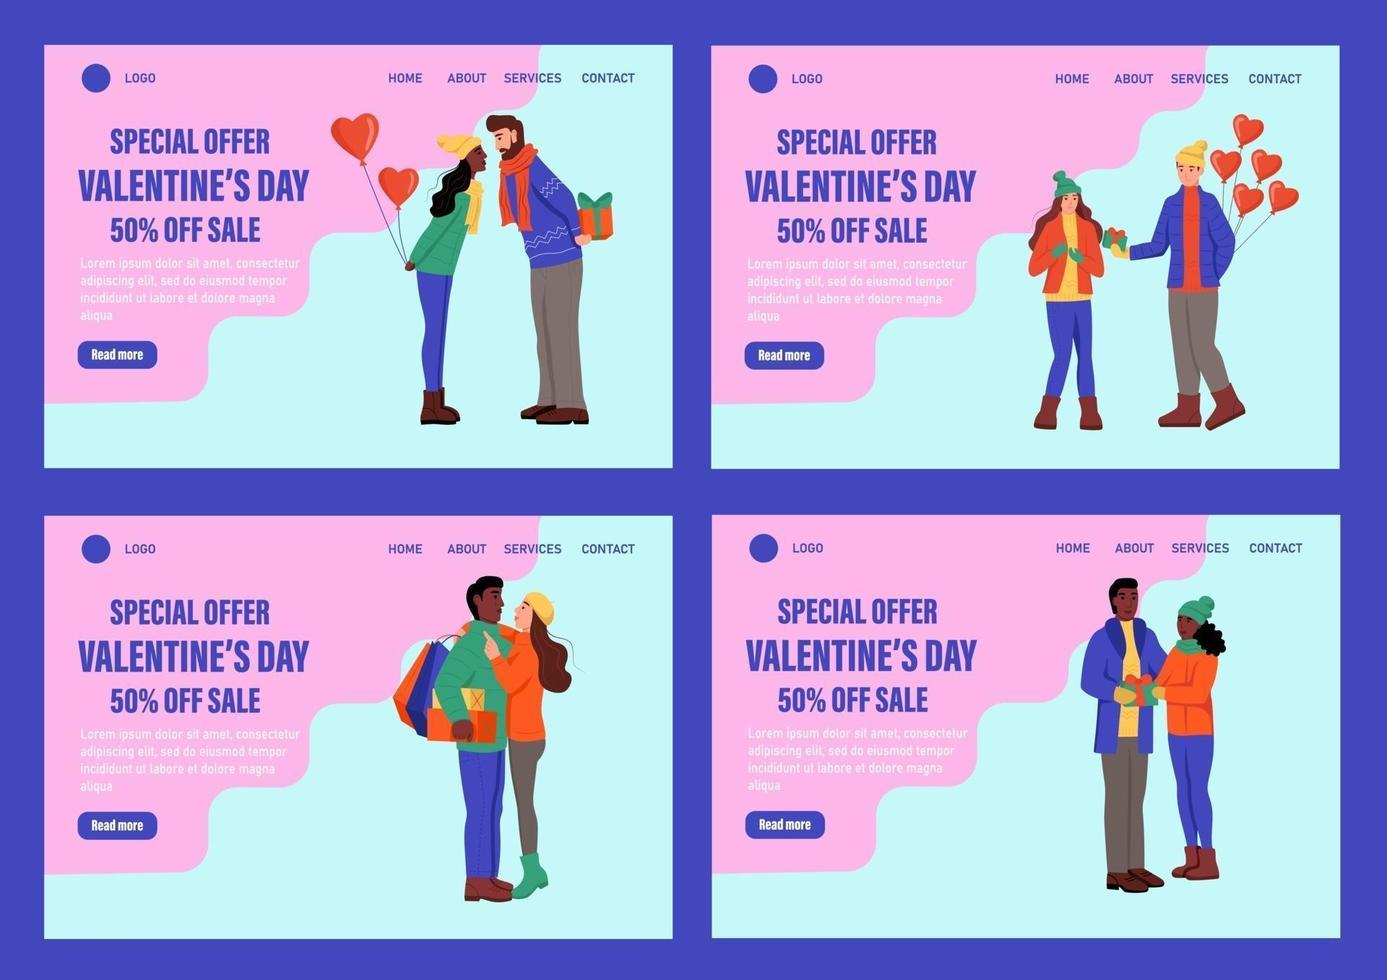 offerta speciale set di modelli vettoriali per pagina di destinazione di san valentino. coppia di innamorati in abiti invernali con palloncini scambiano doni. celebrare il tradizionale banner web evento invernale. illustrazione vettoriale piatta